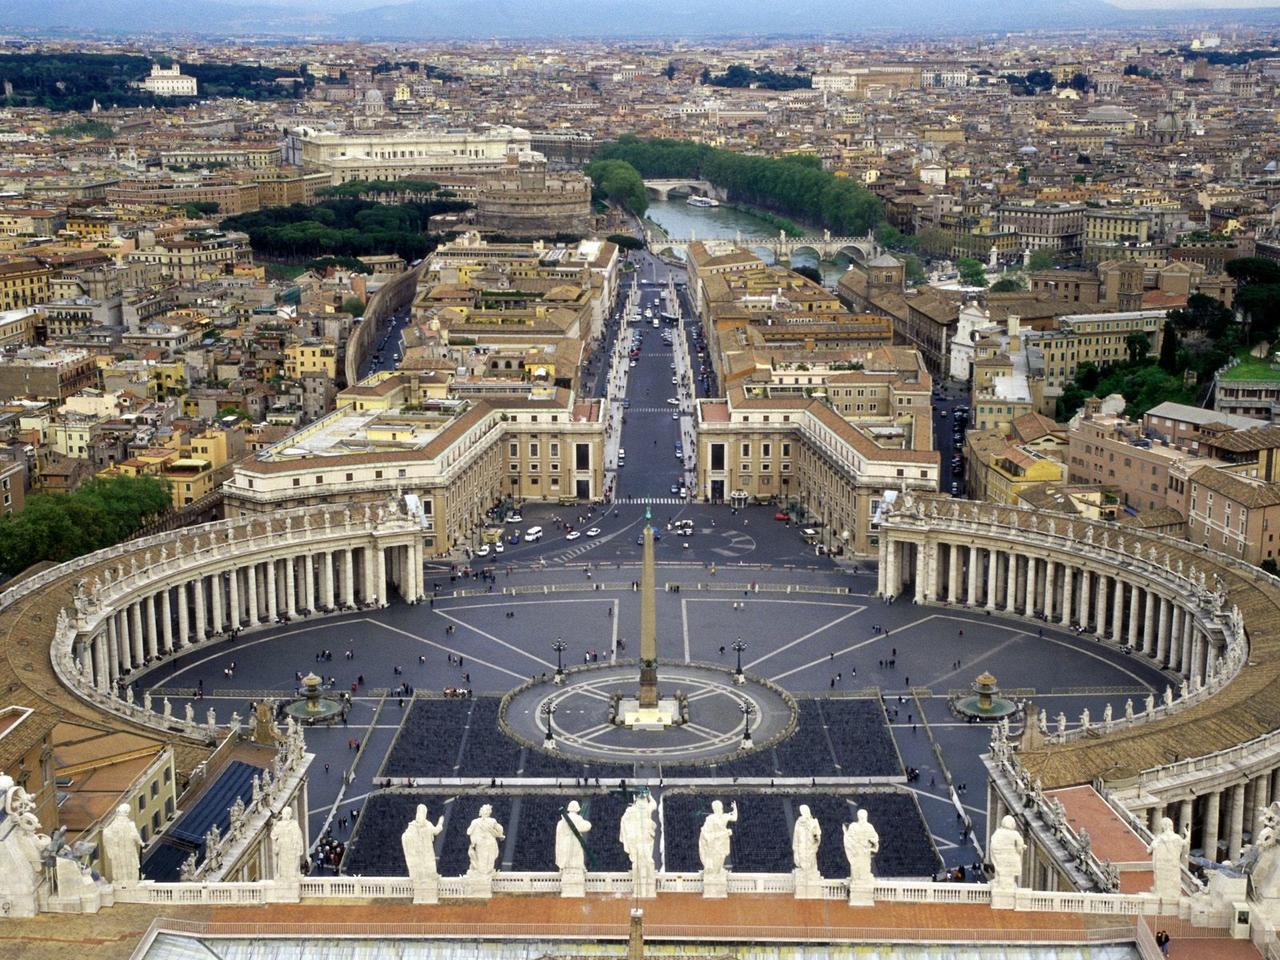 """Der Vatikan behauptet, keine Kenntnis von 1,8 Mrd. USD zu haben, die stillschweigend nach Australien transferiert wurden: """"Wir haben nicht so viel Geld"""""""